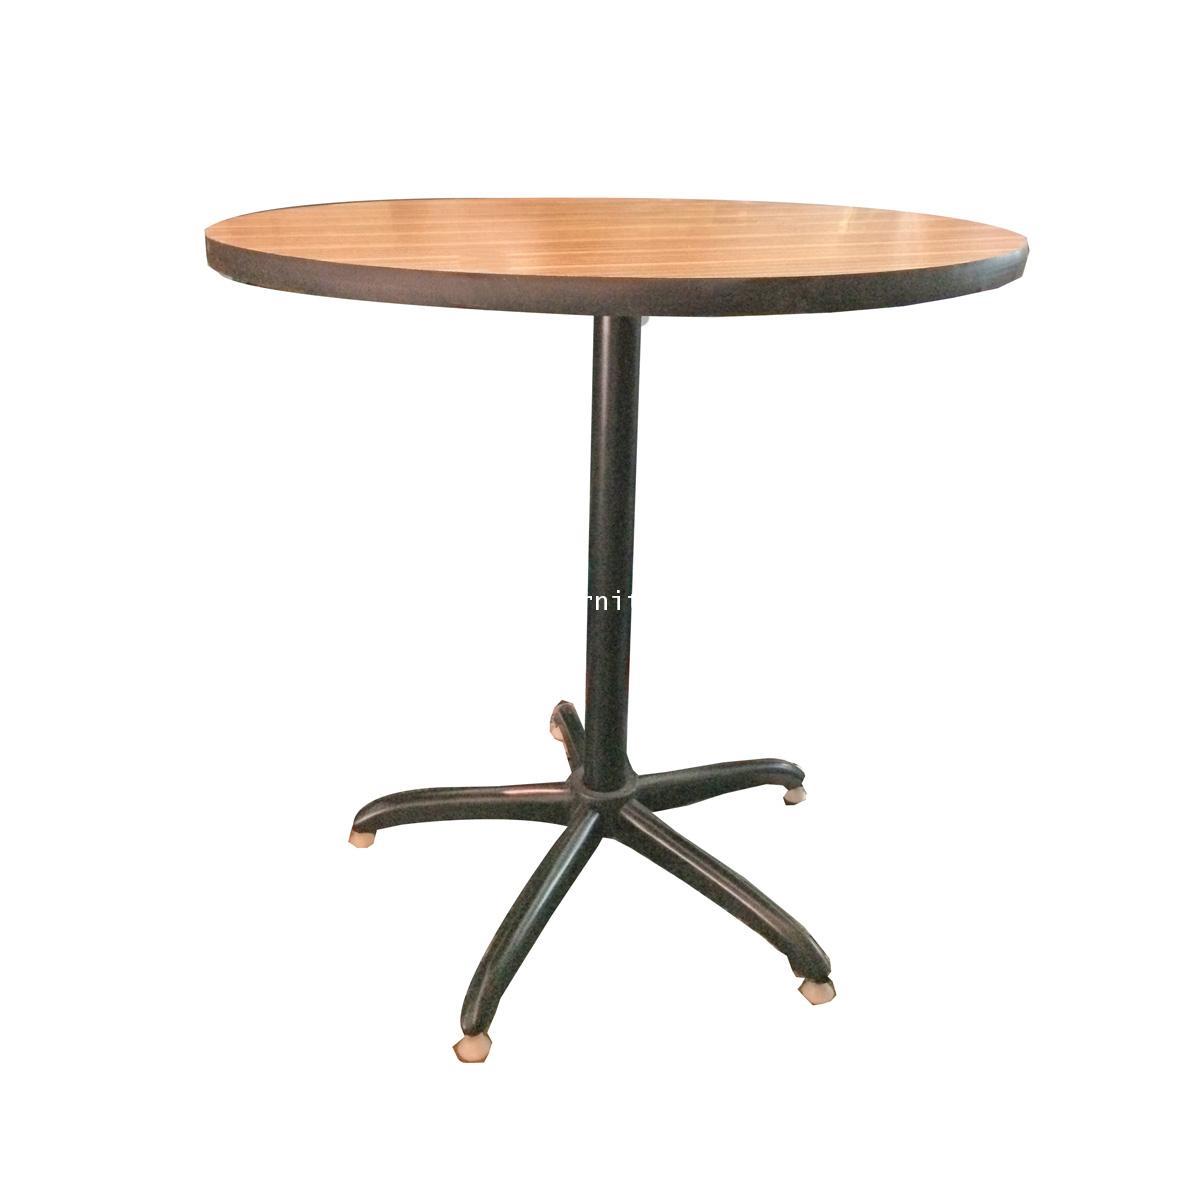 โต๊ะคาเฟ่ ขาเดี่ยว หน้าโฟไมกา ลายไม้ 75*75*75 ซม.